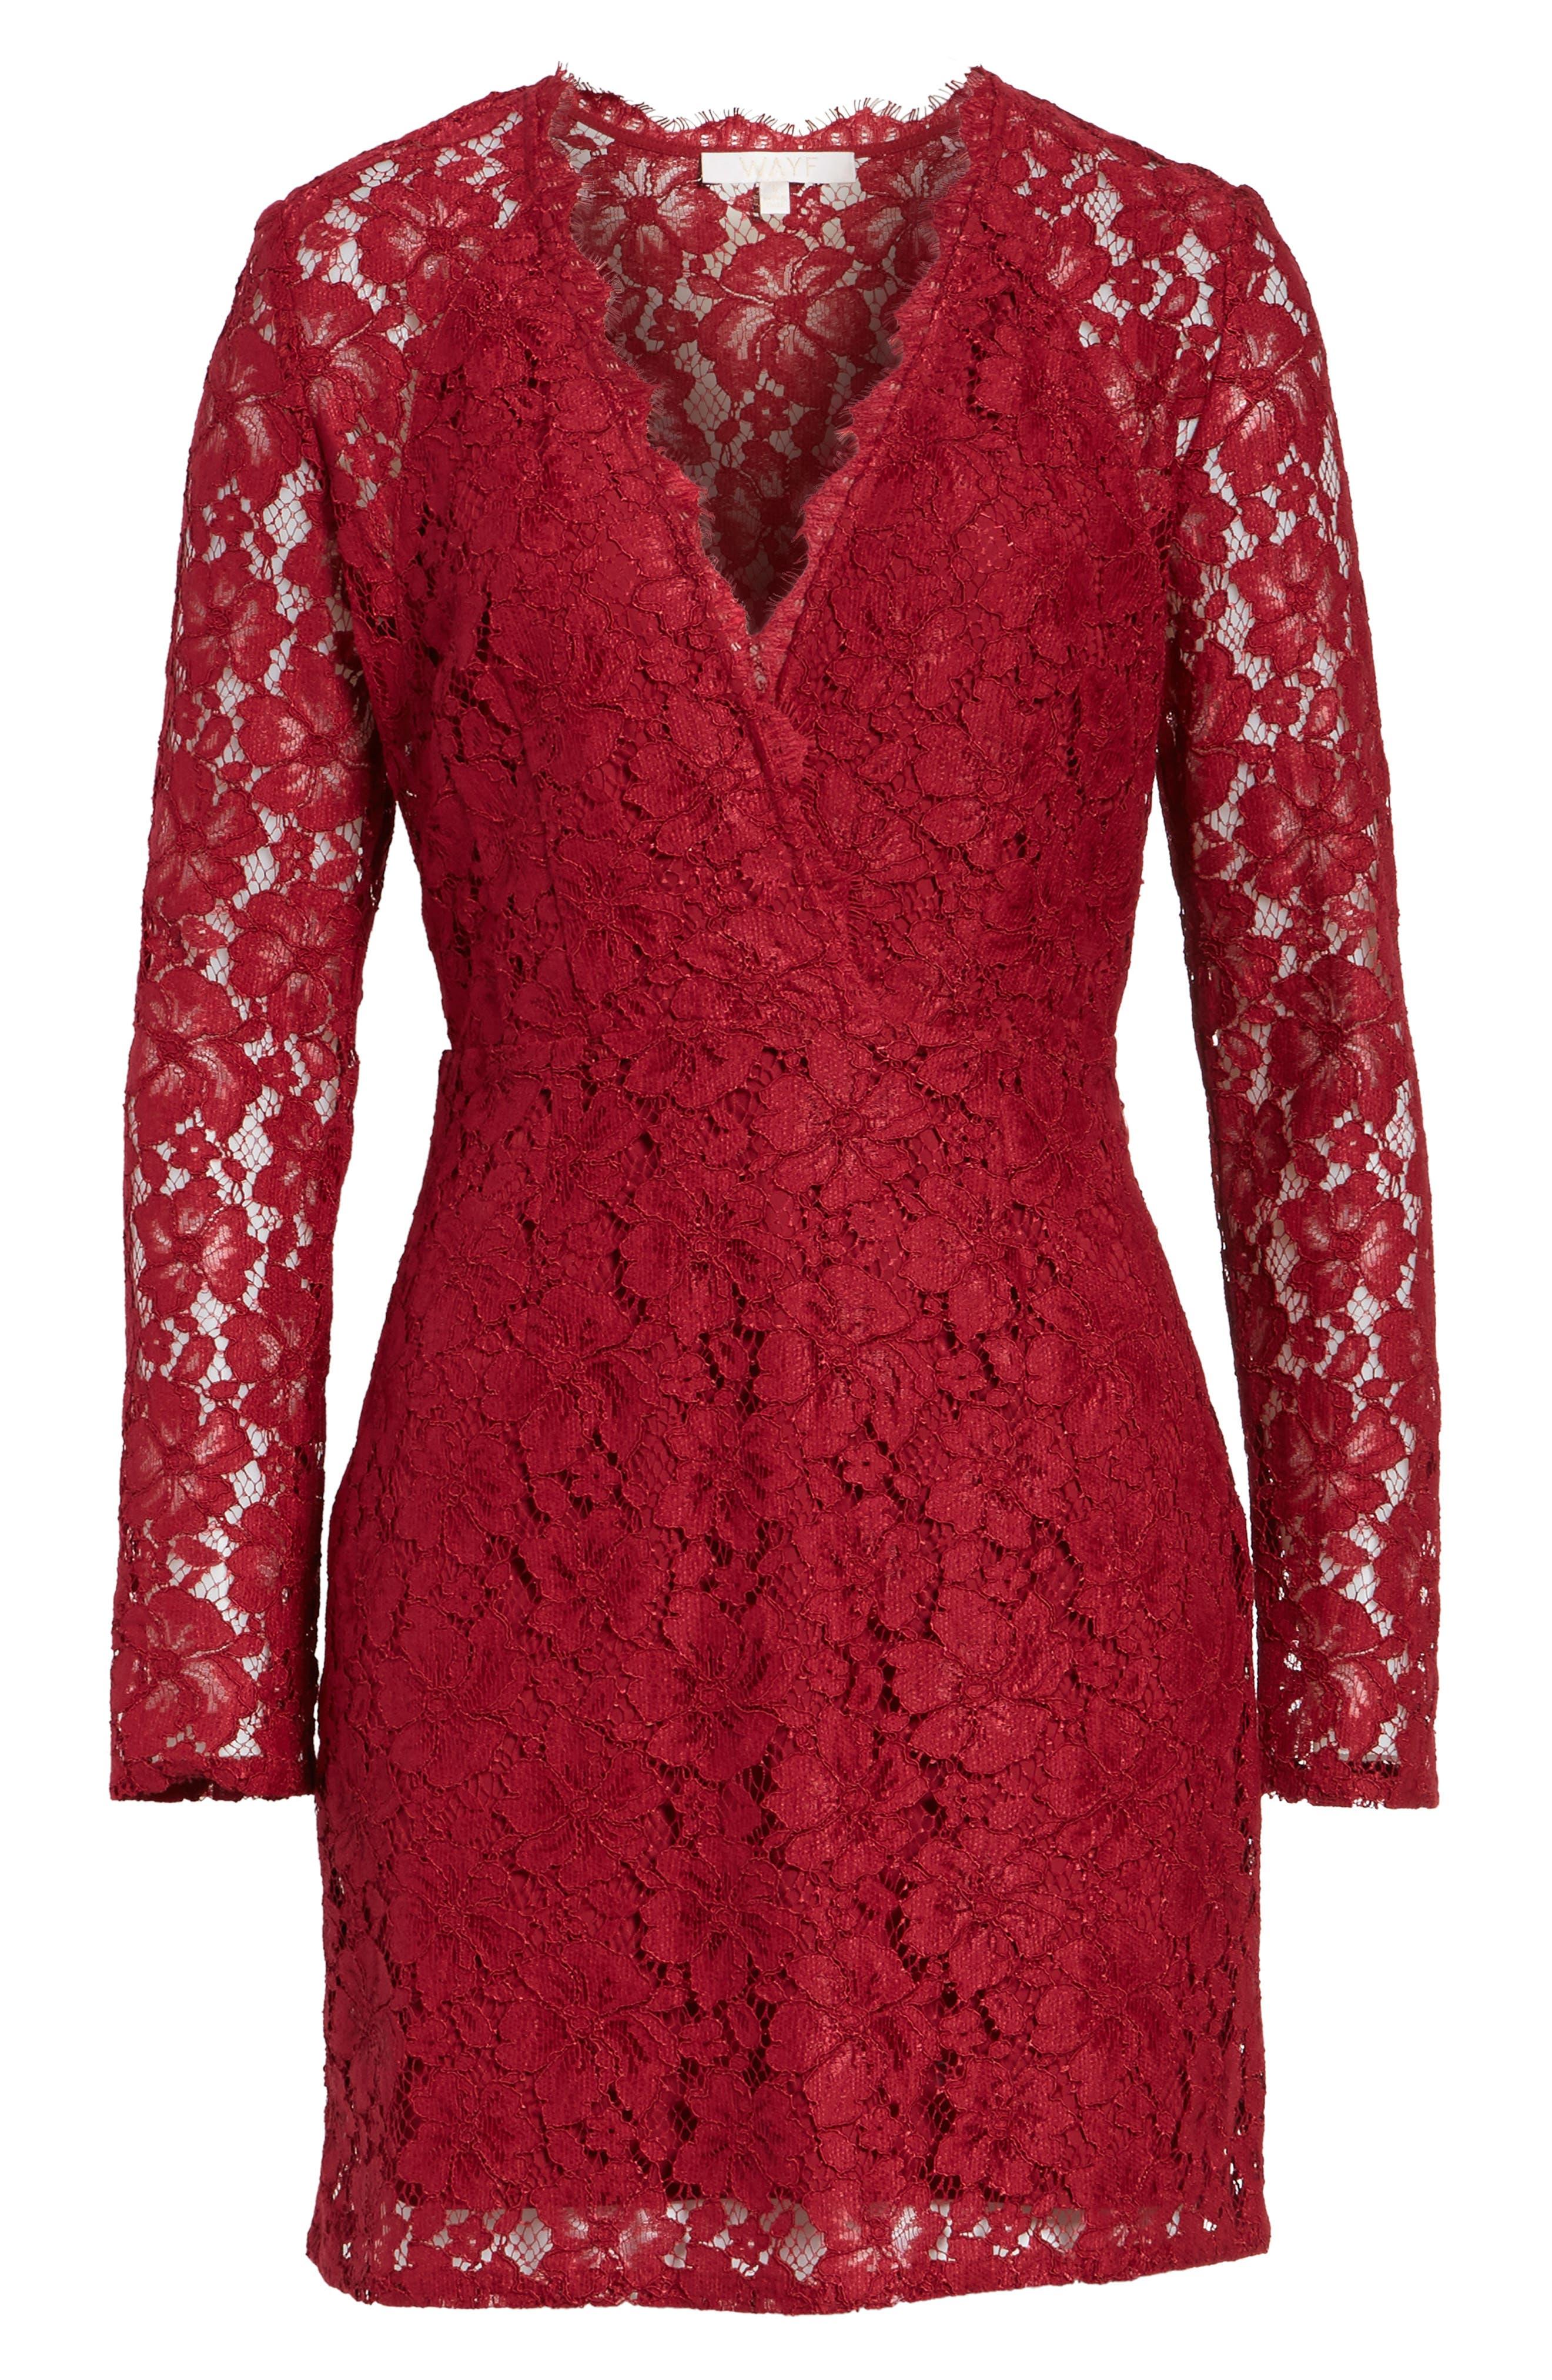 Say It Out Loud Lace Dress,                             Alternate thumbnail 21, color,